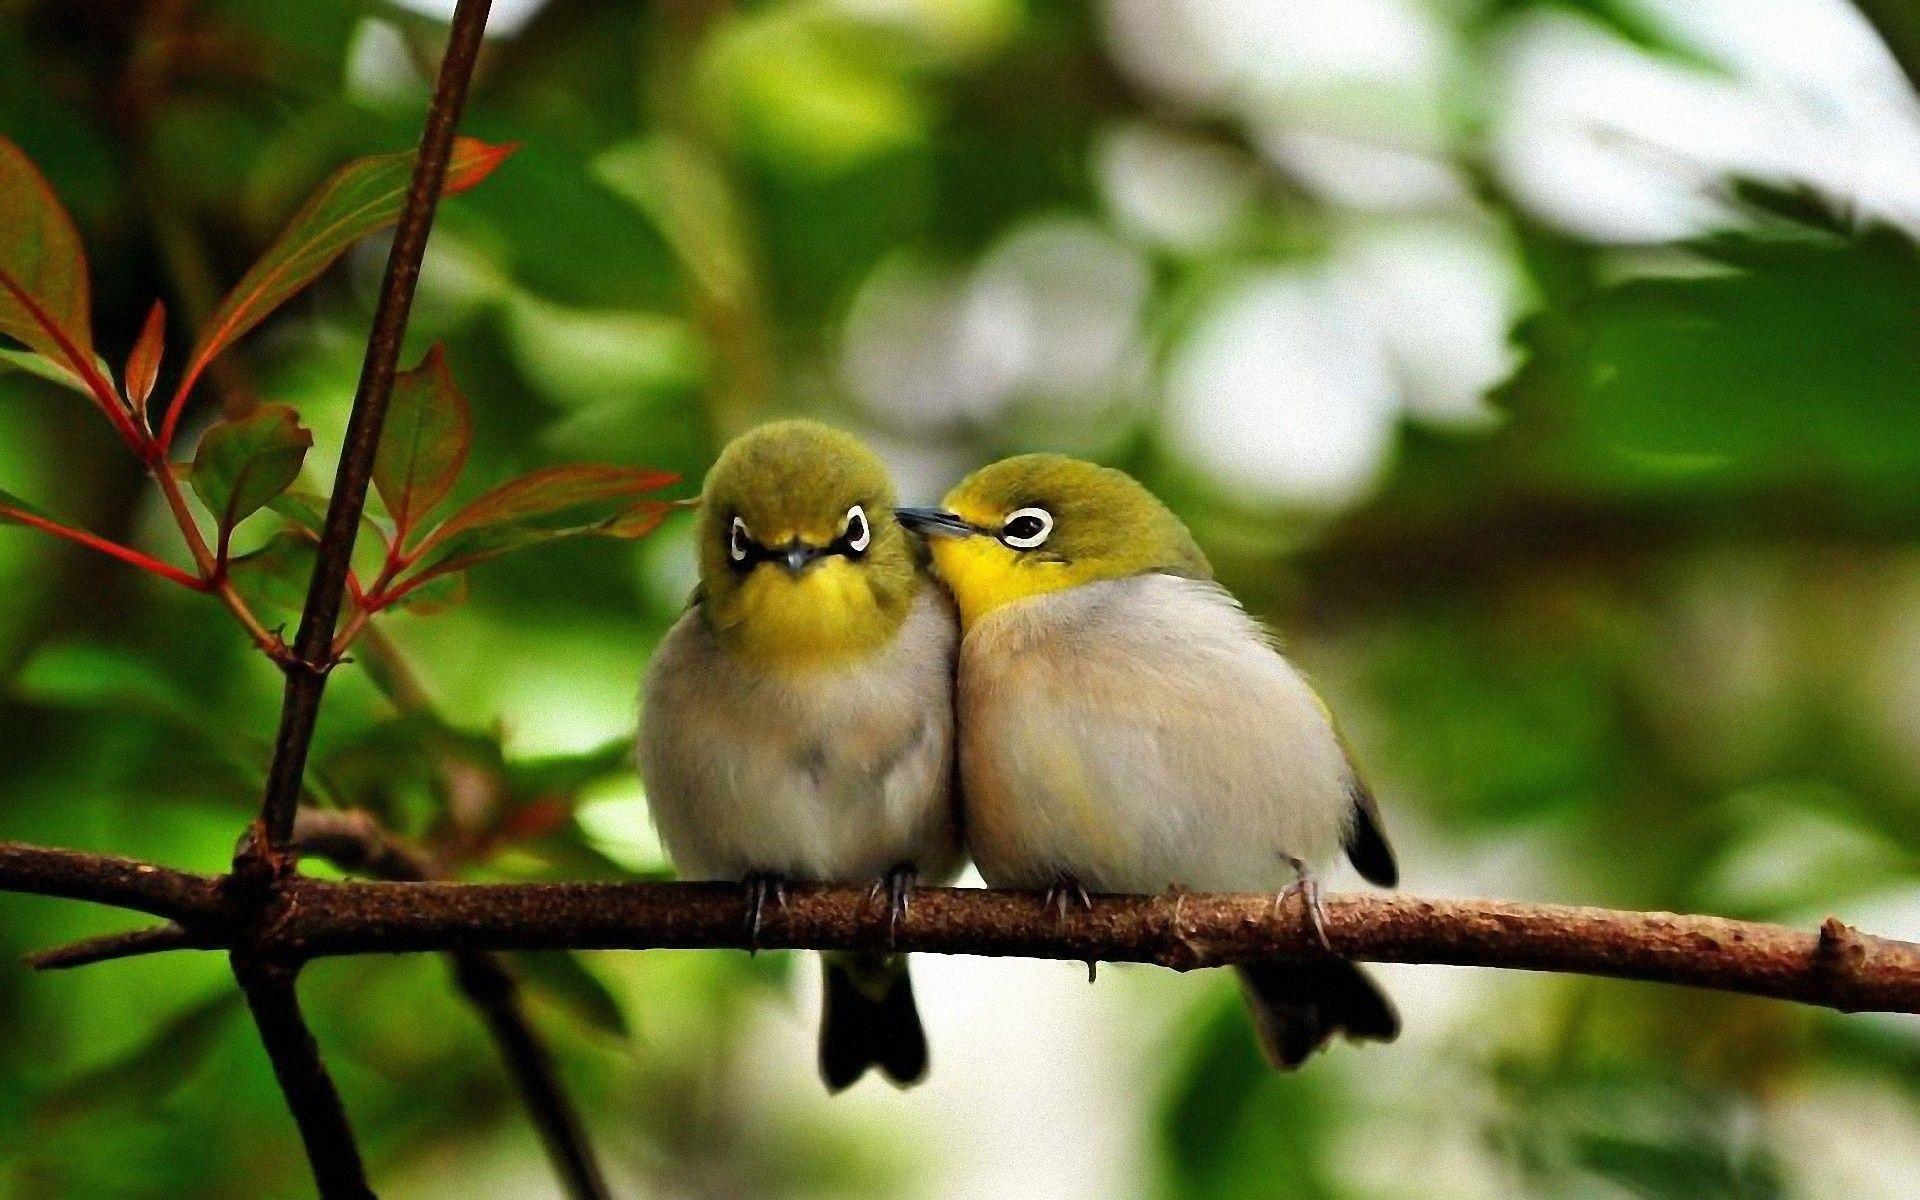 Cute Bird Wallpapers Top Free Cute Bird Backgrounds